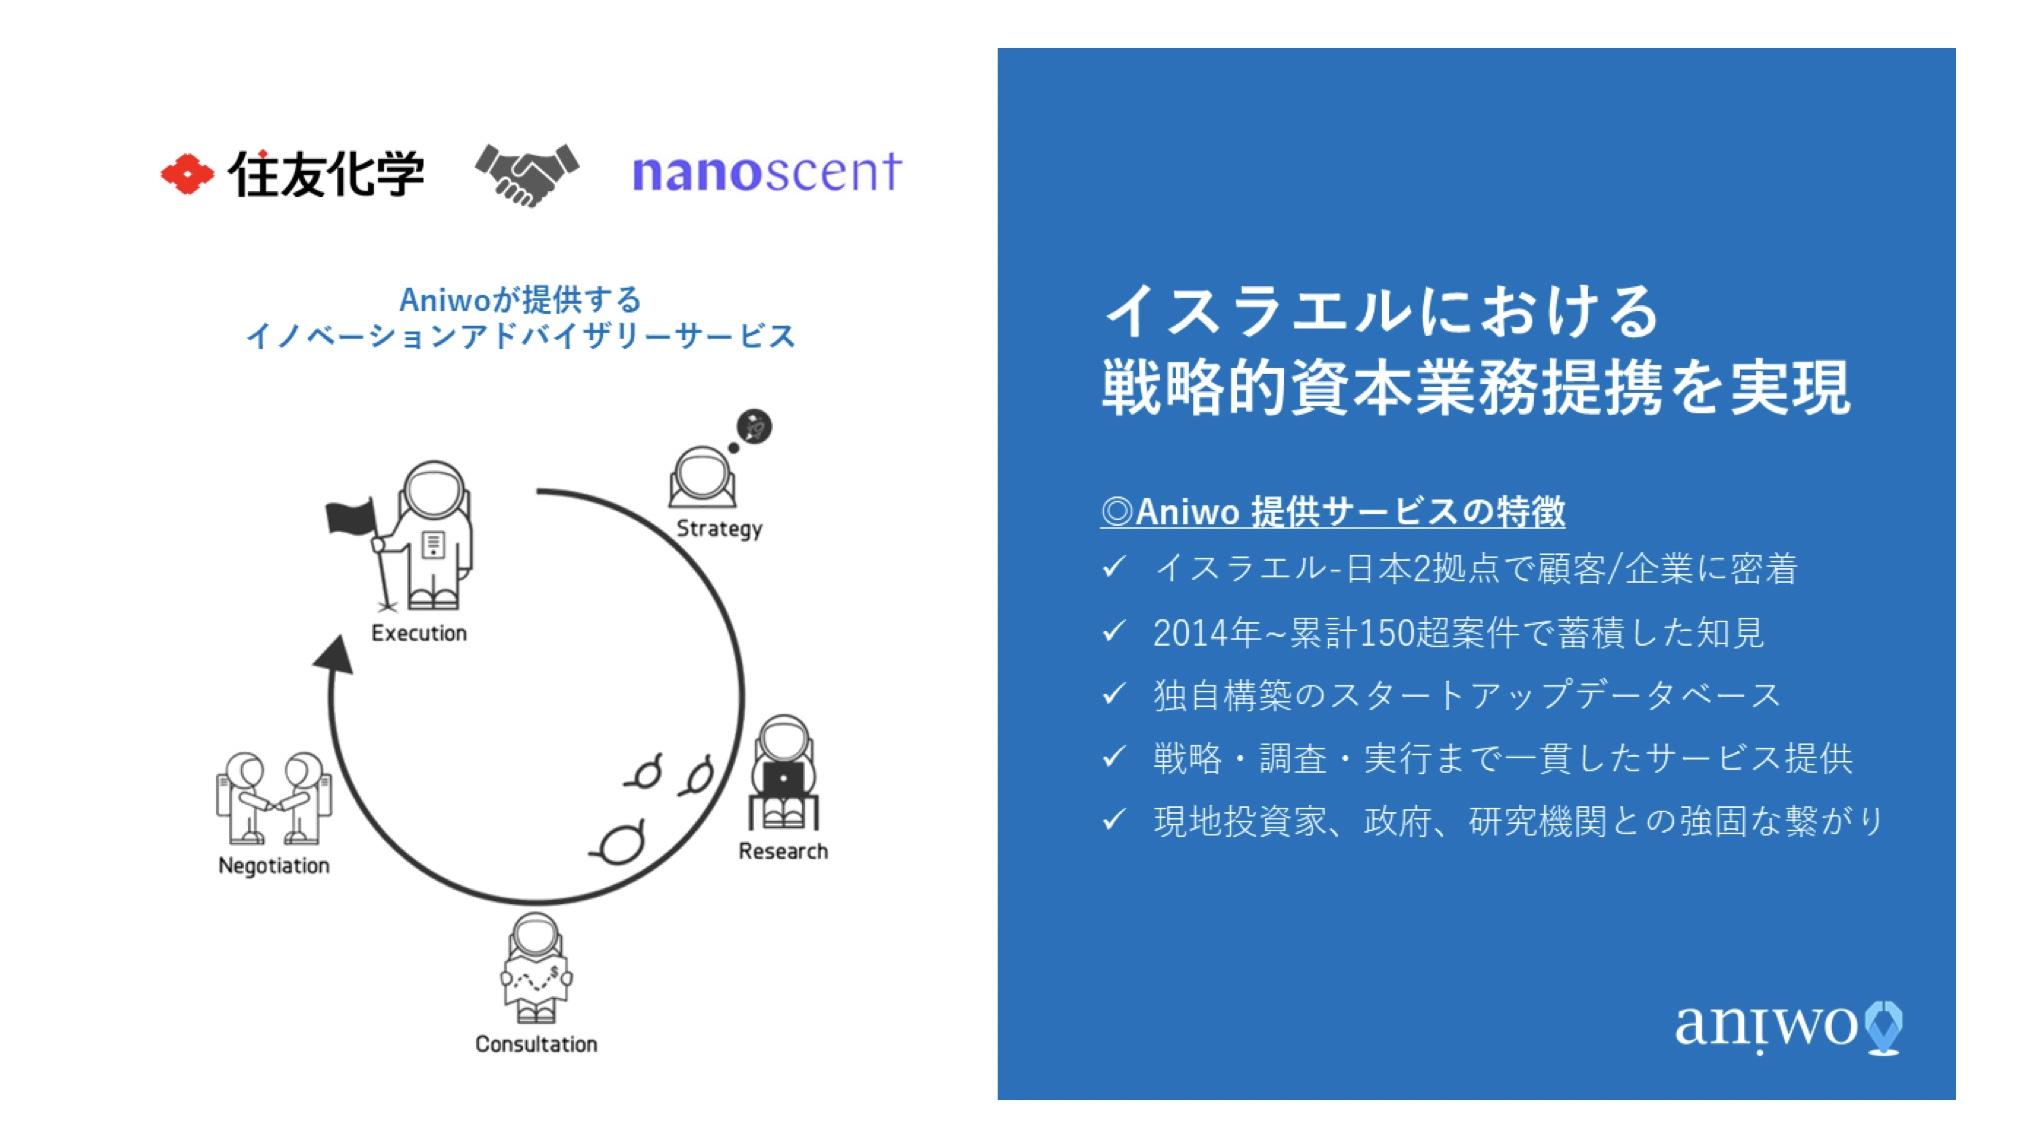 住友化学 | Aniwoのサービスを活用し、イスラエルのAI×臭覚IoTスタートアップ・NanoScentへ出資